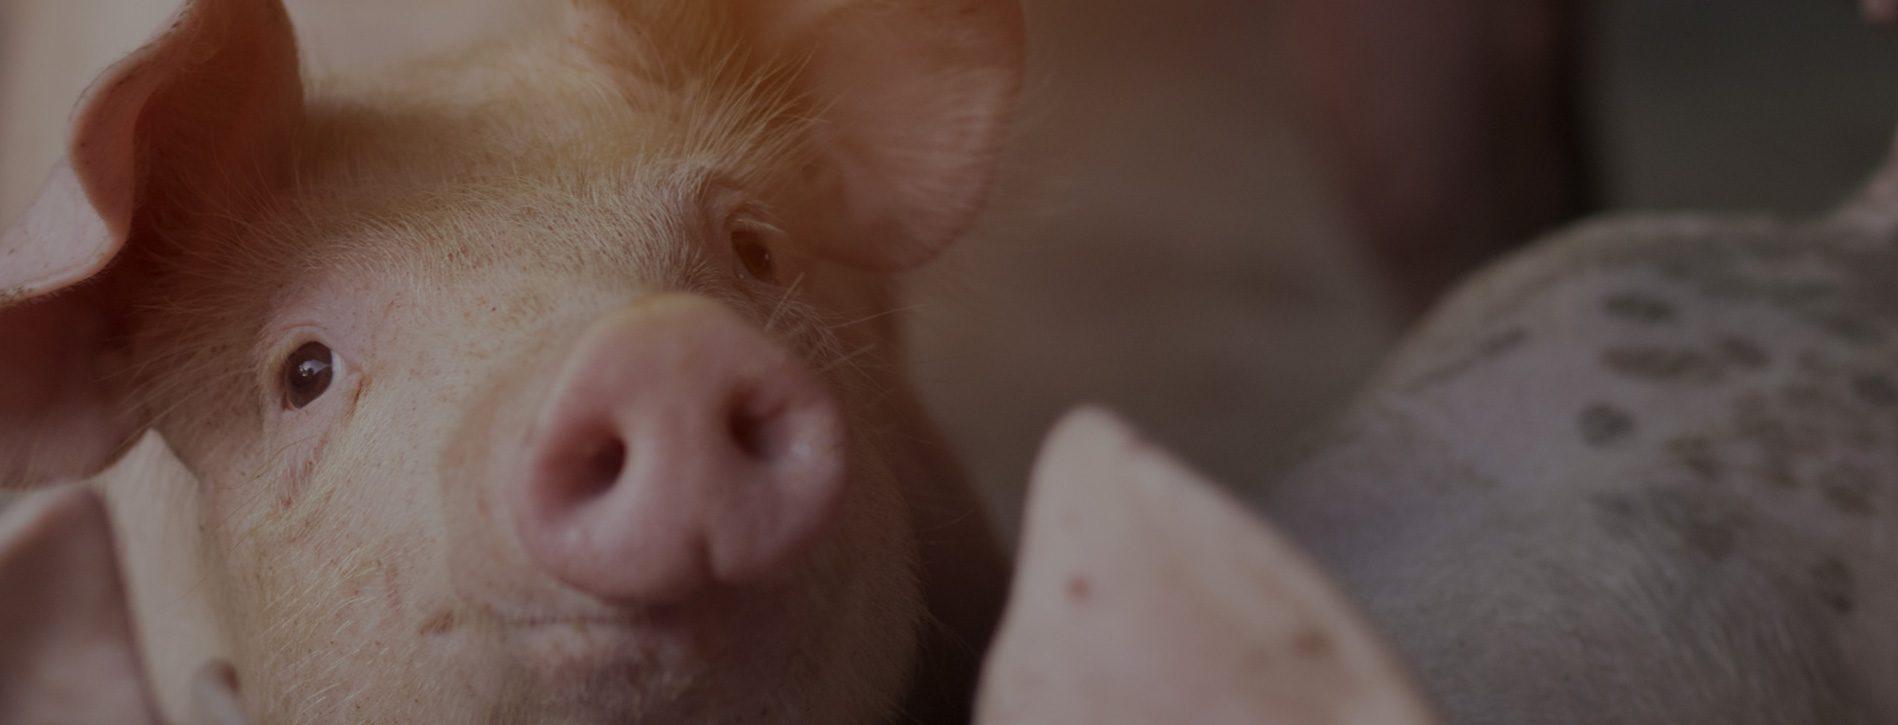 Nutritec SAS - Nutrición y Salud Animal - Cali, Colombia